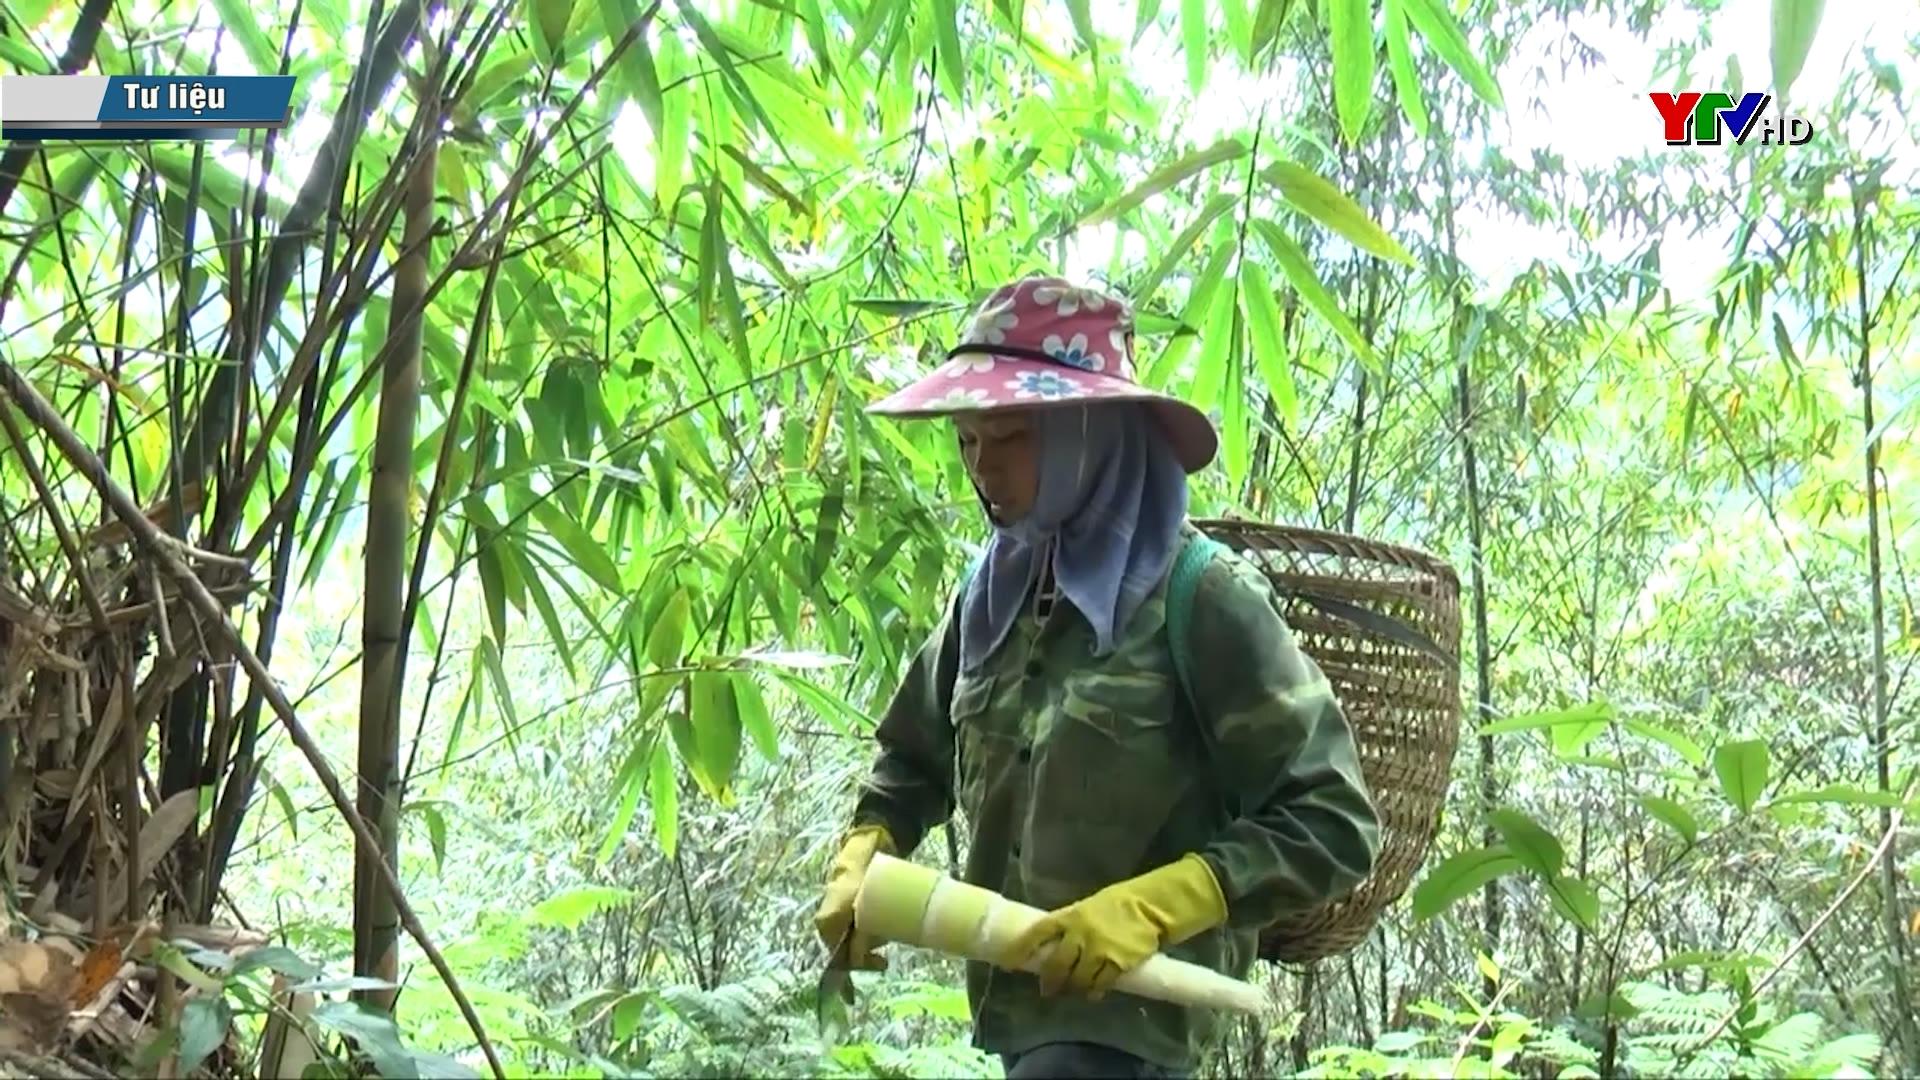 Sản lượng măng Bát Độ của huyện Trấn Yên đạt 200 tấn